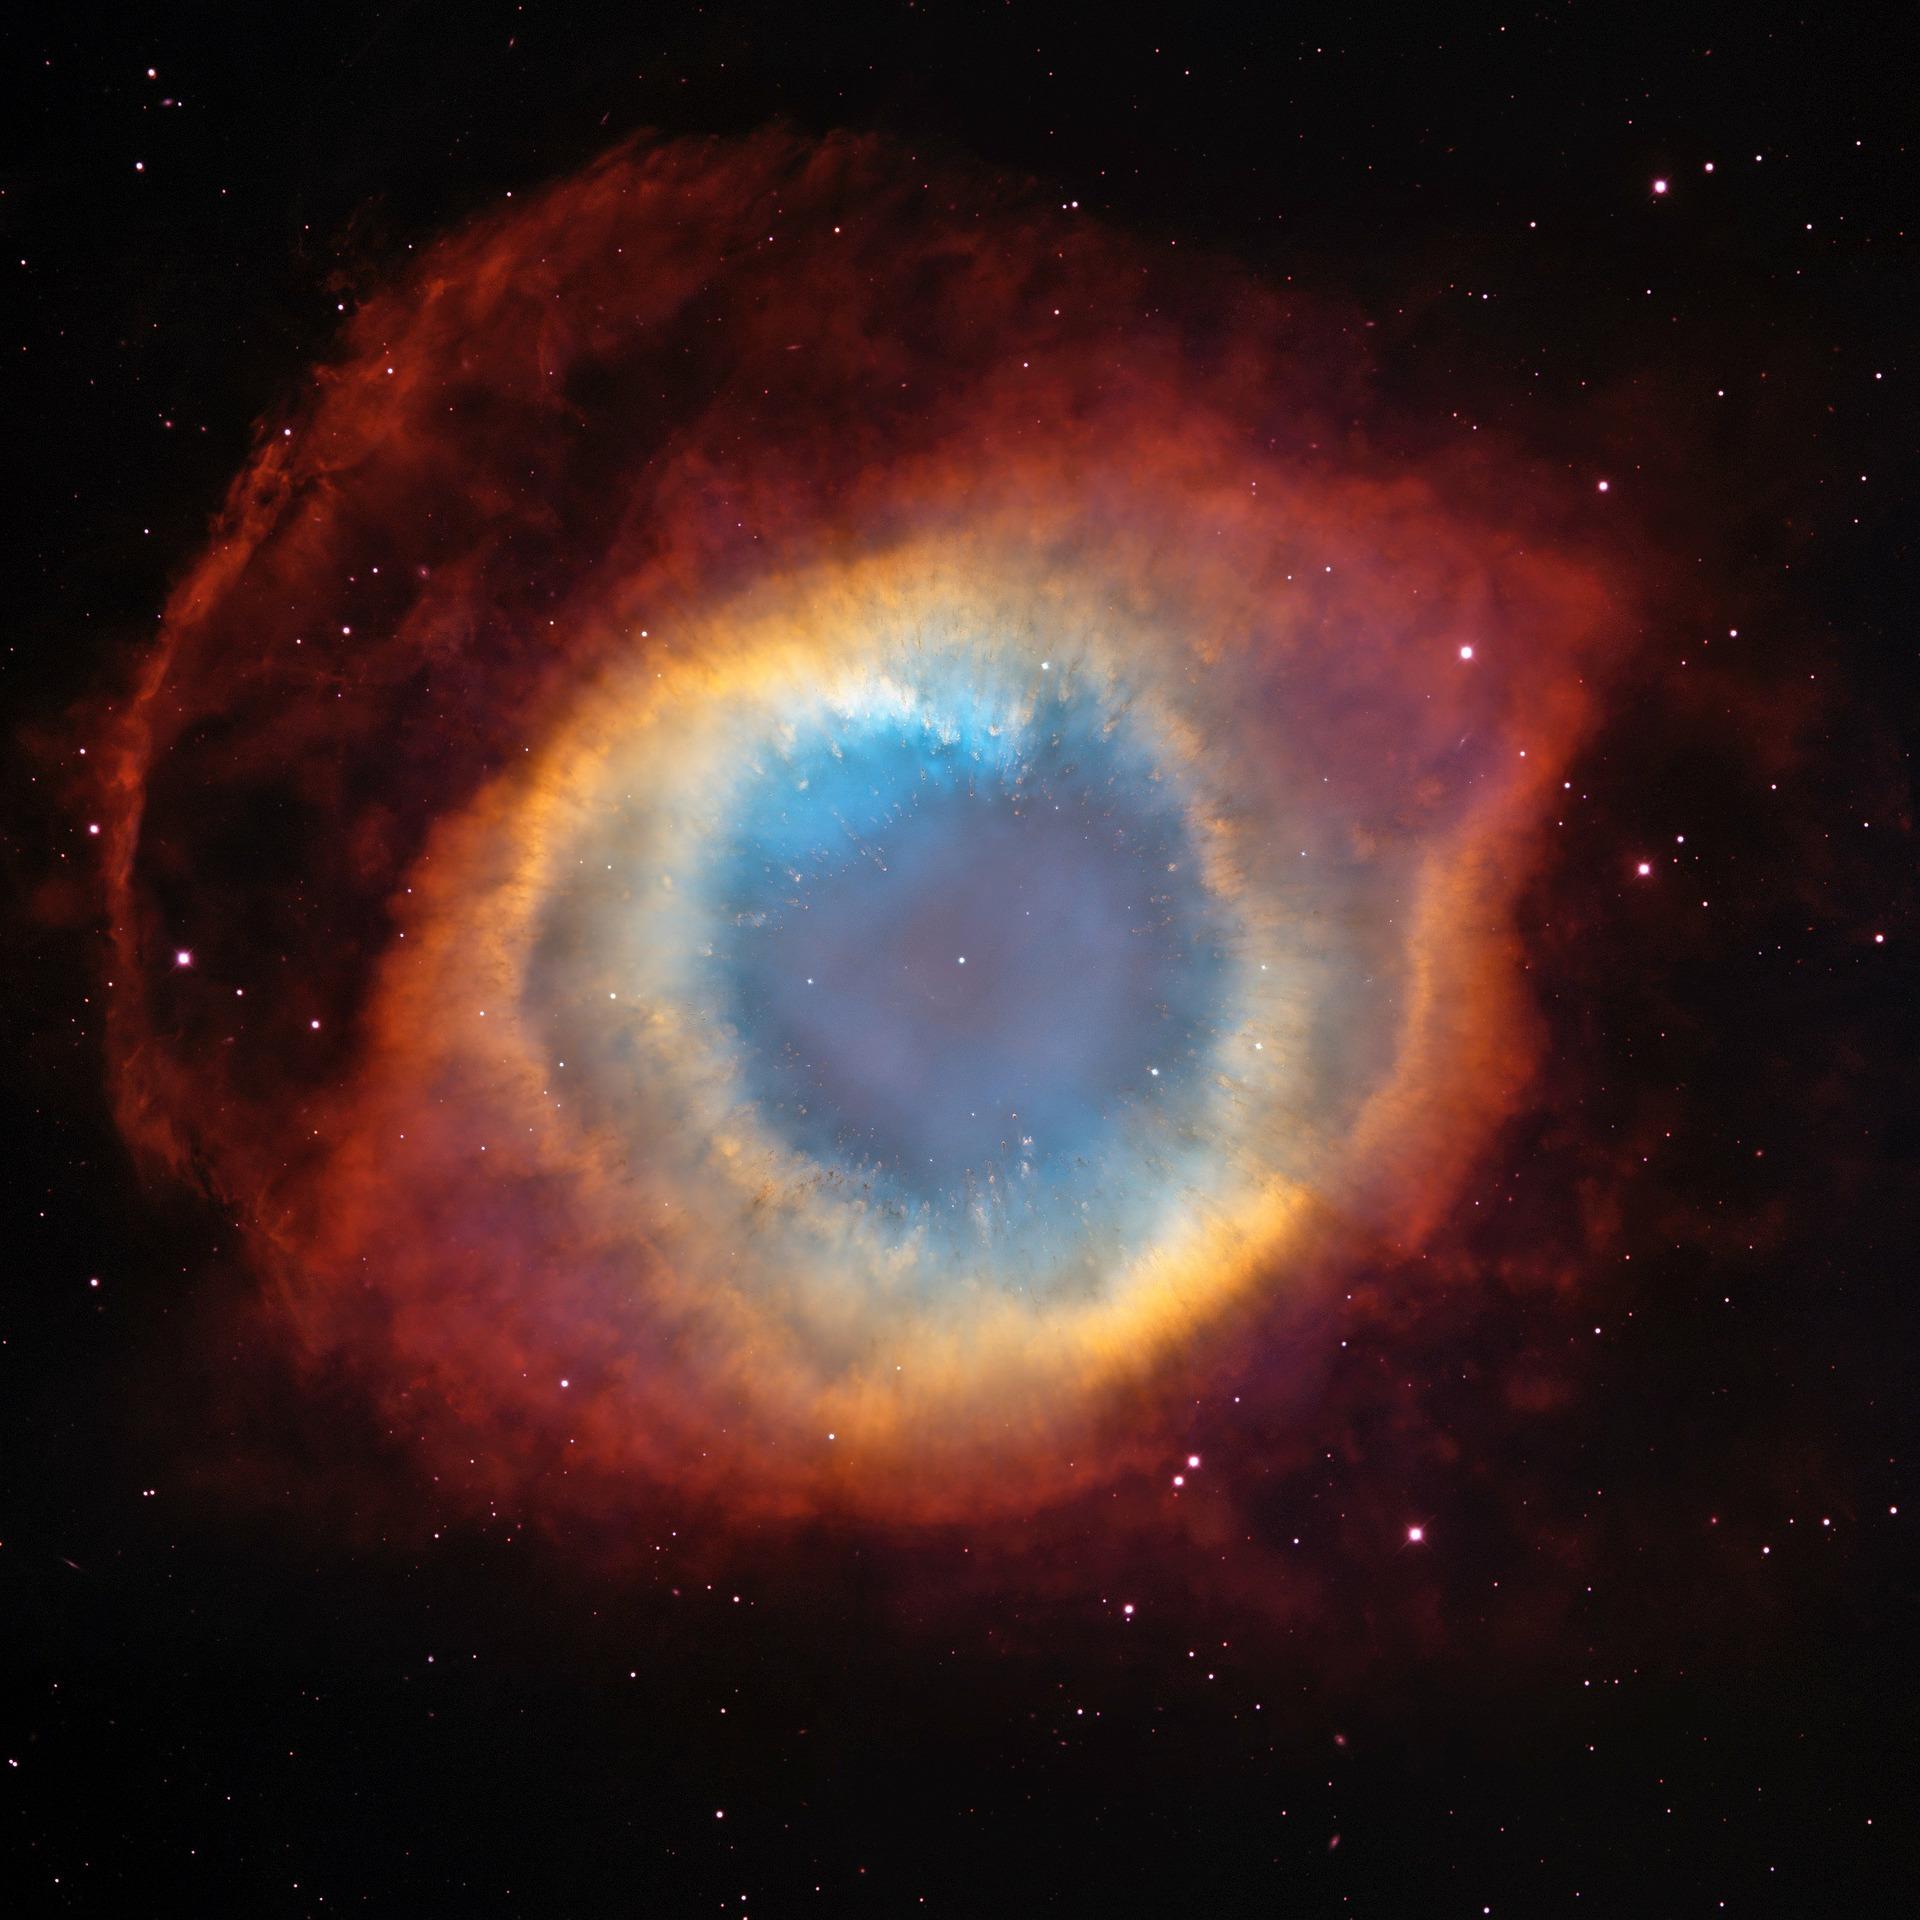 निहारिका, भगवान के नेत्र, अंतरिक्ष, ब्रह्मांड, स्टार, आकाशगंगा - HD वॉलपेपर - प्रोफेसर-falken.com